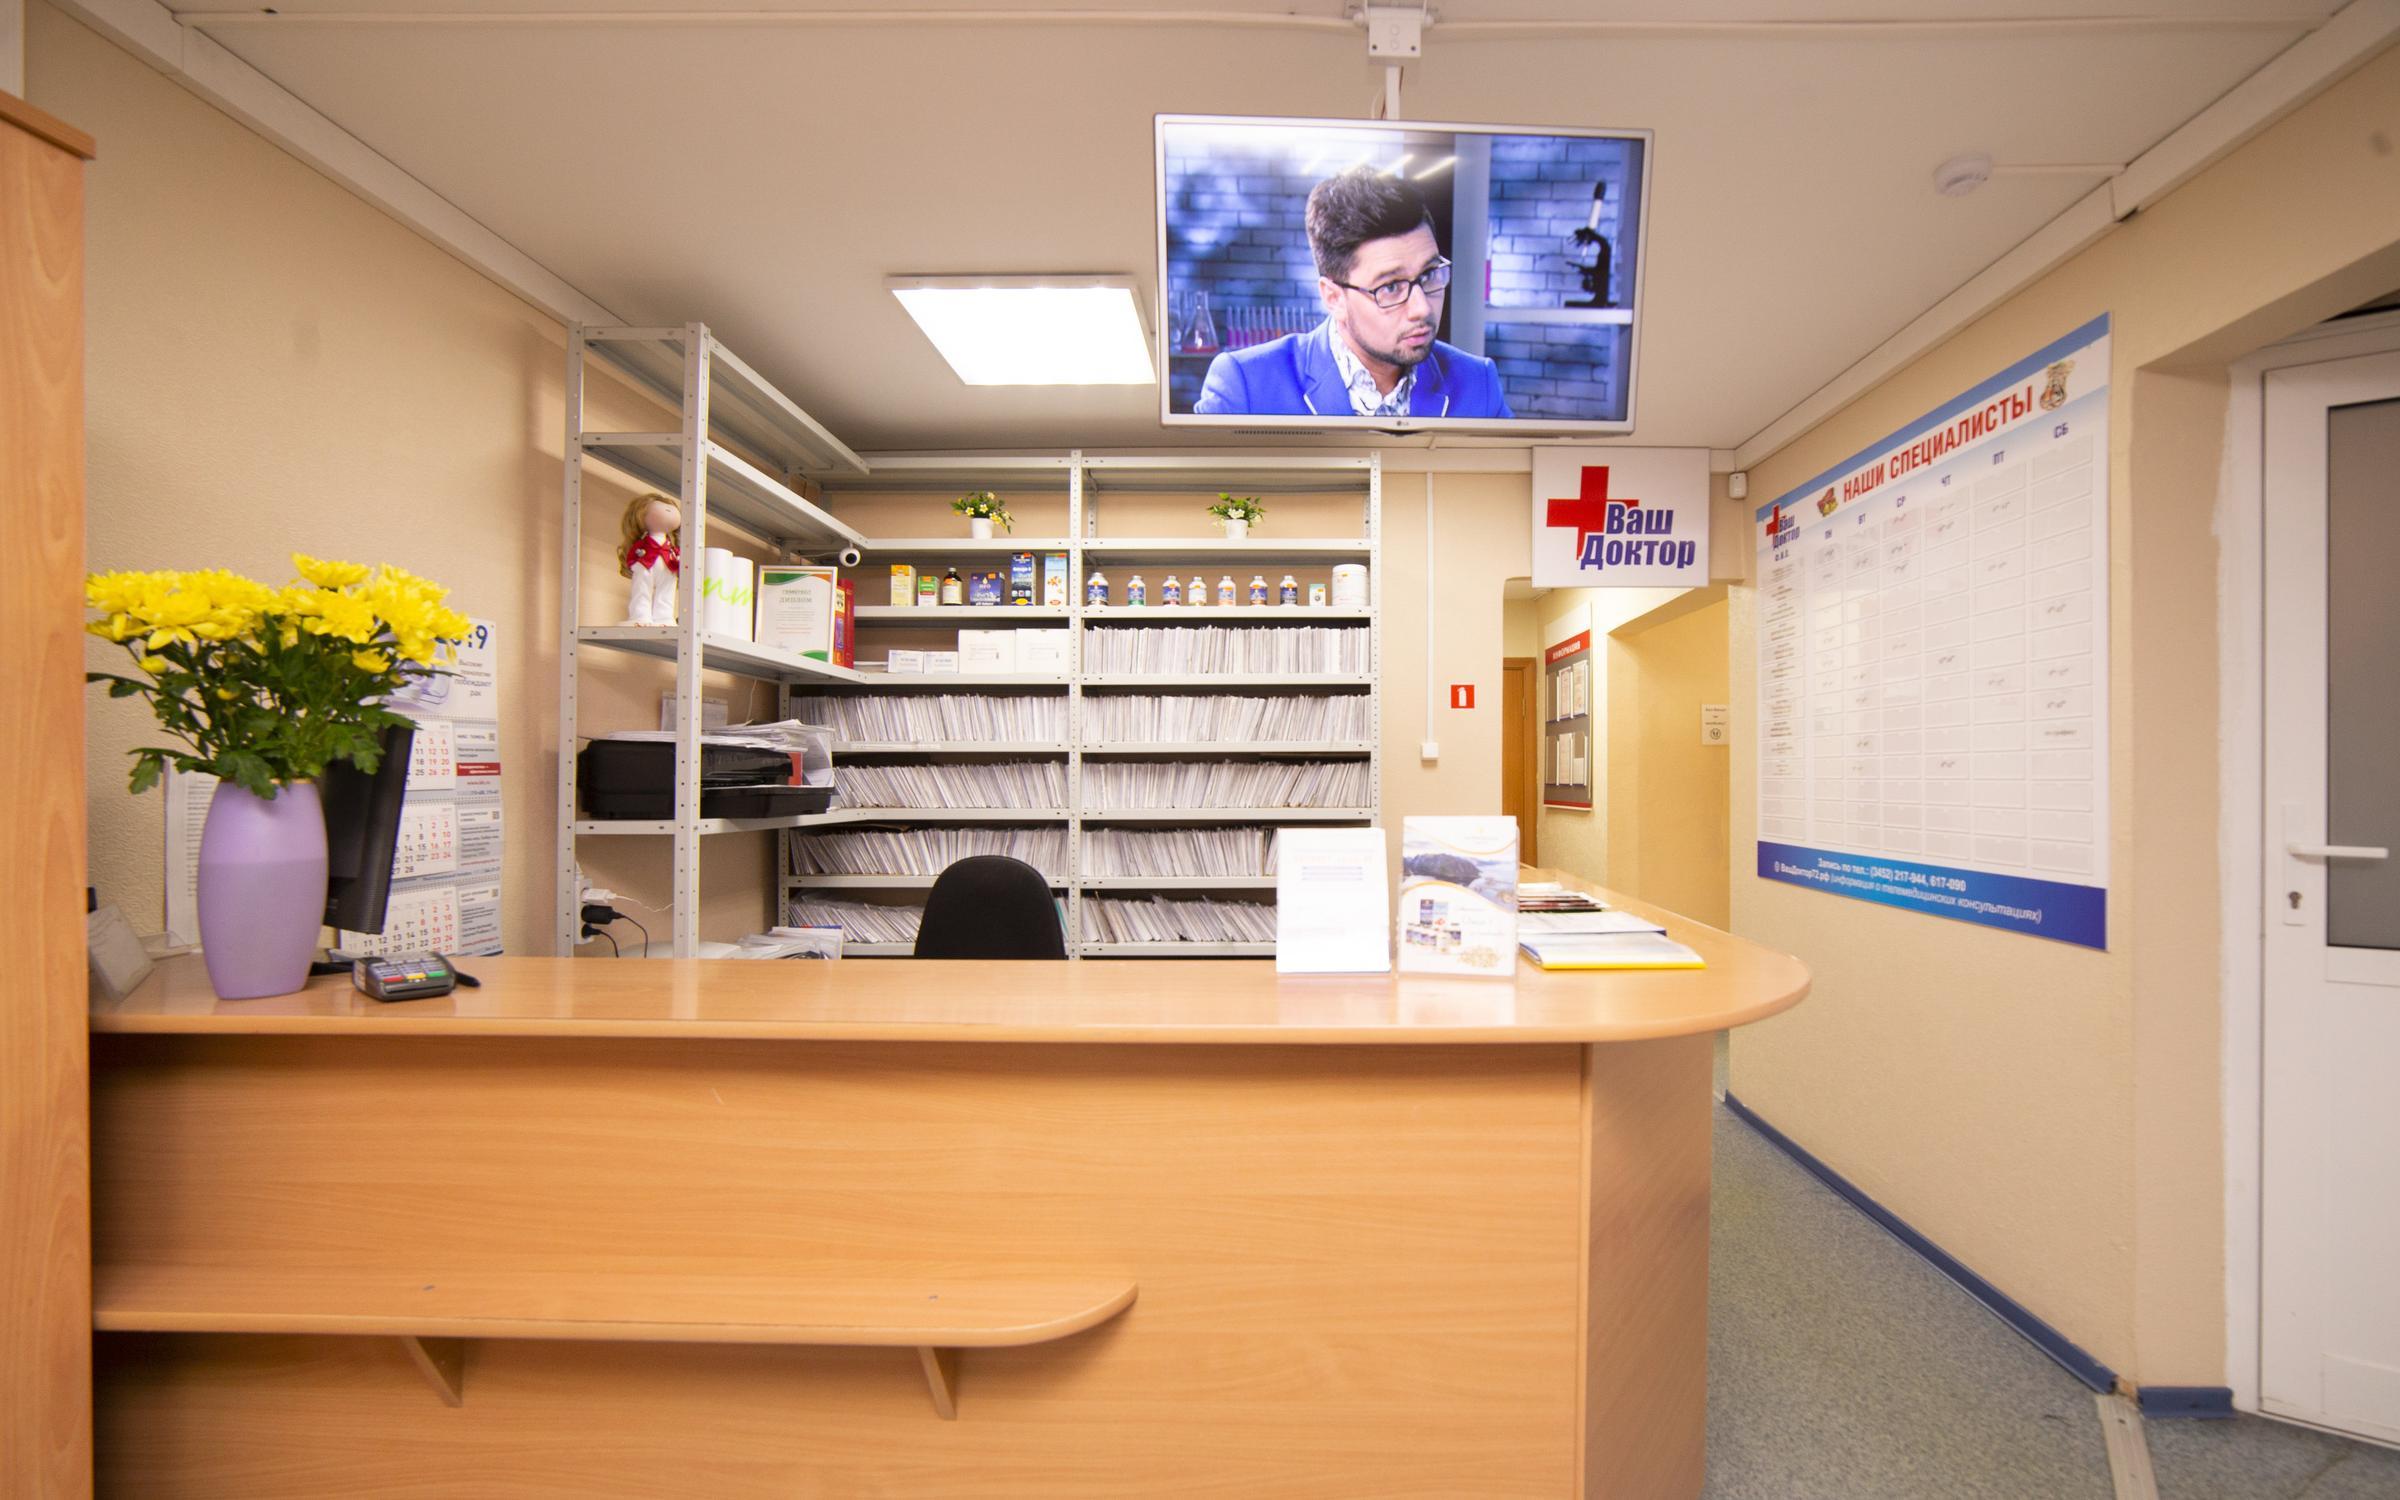 фотография Медицинского центра Ваш Доктор в Восточном административном округе